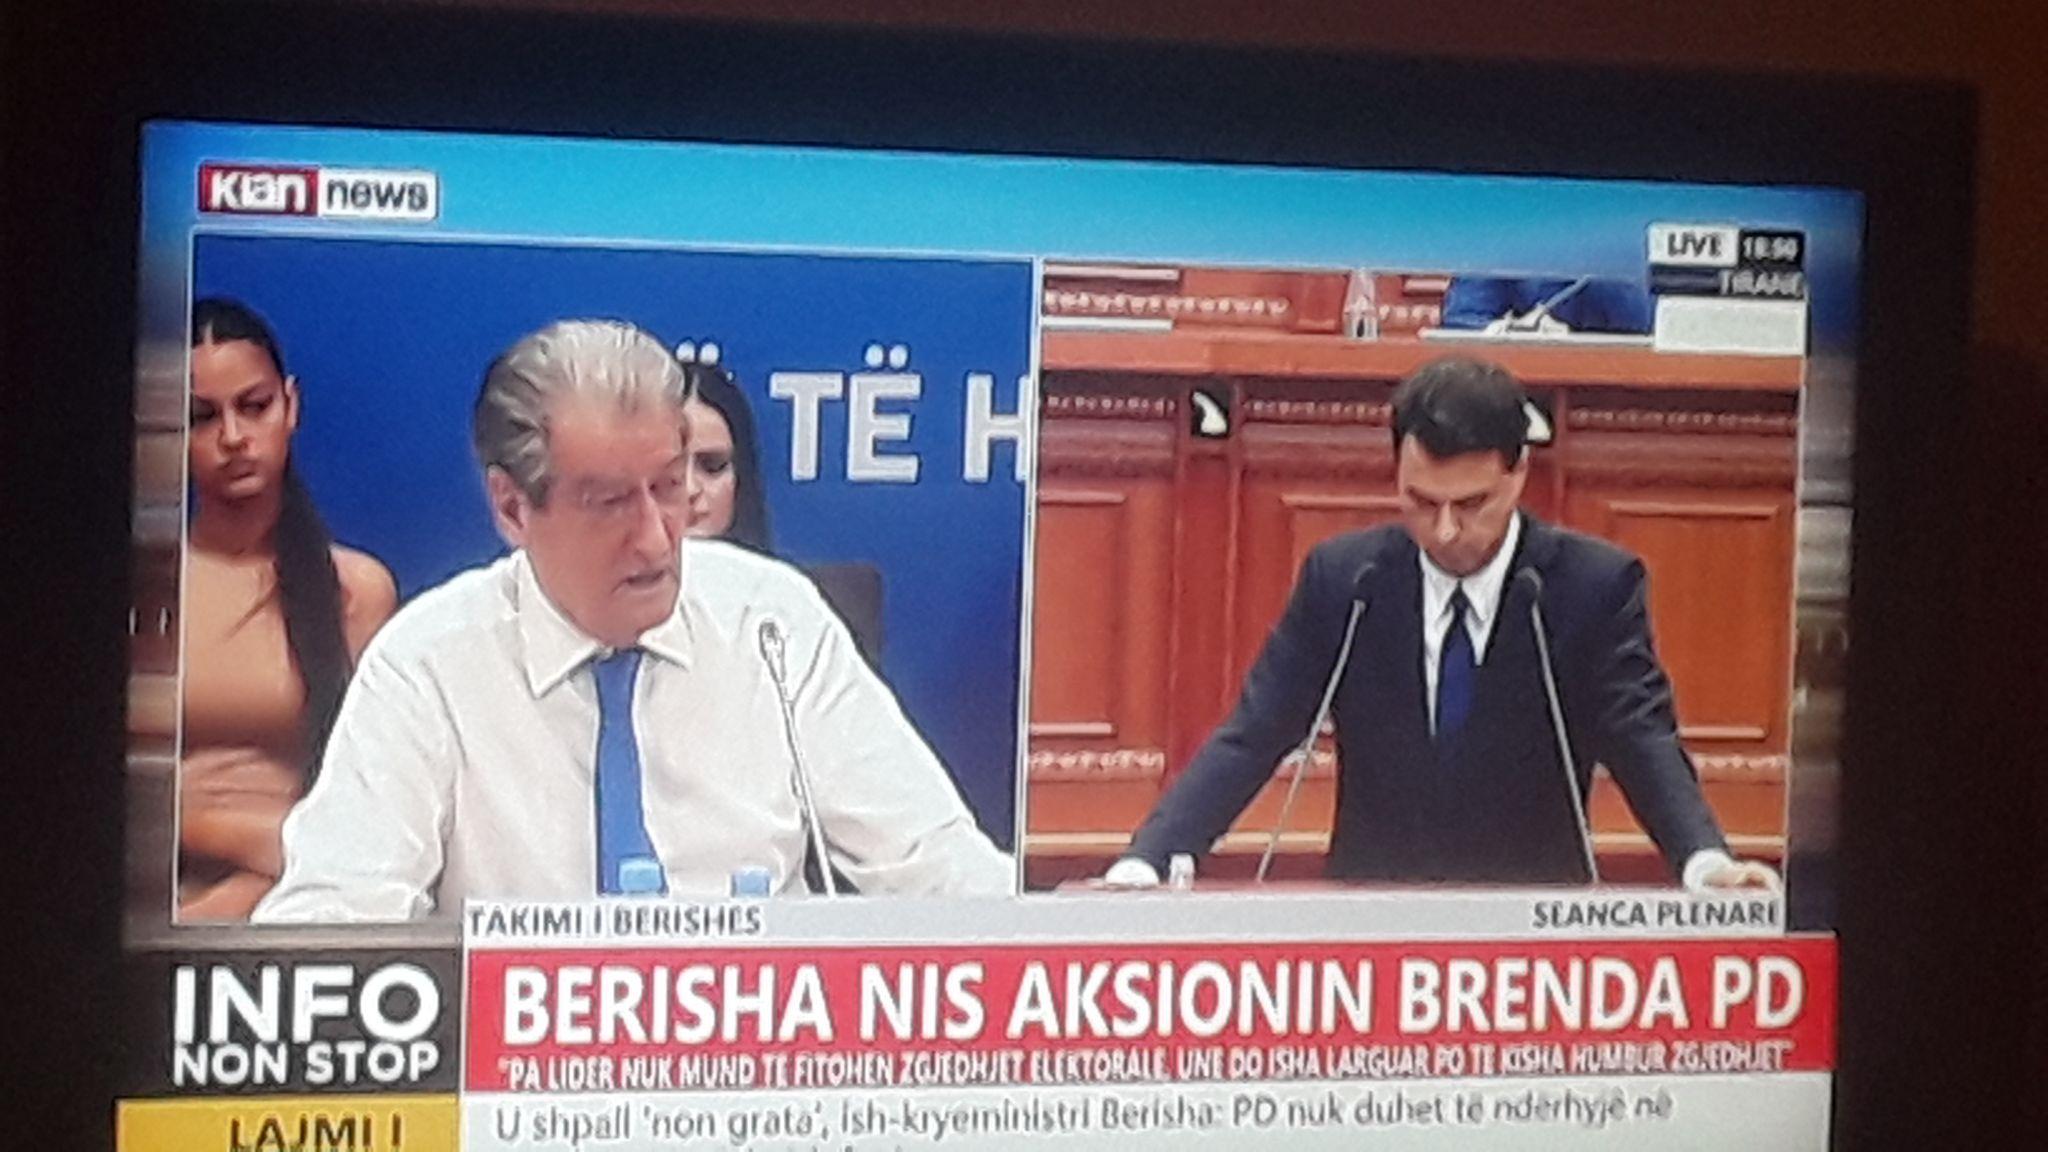 Berisha eklipson Bashen me demokratet e flakte dhe flet per te ardhmen e PD dhe Shqiperise...